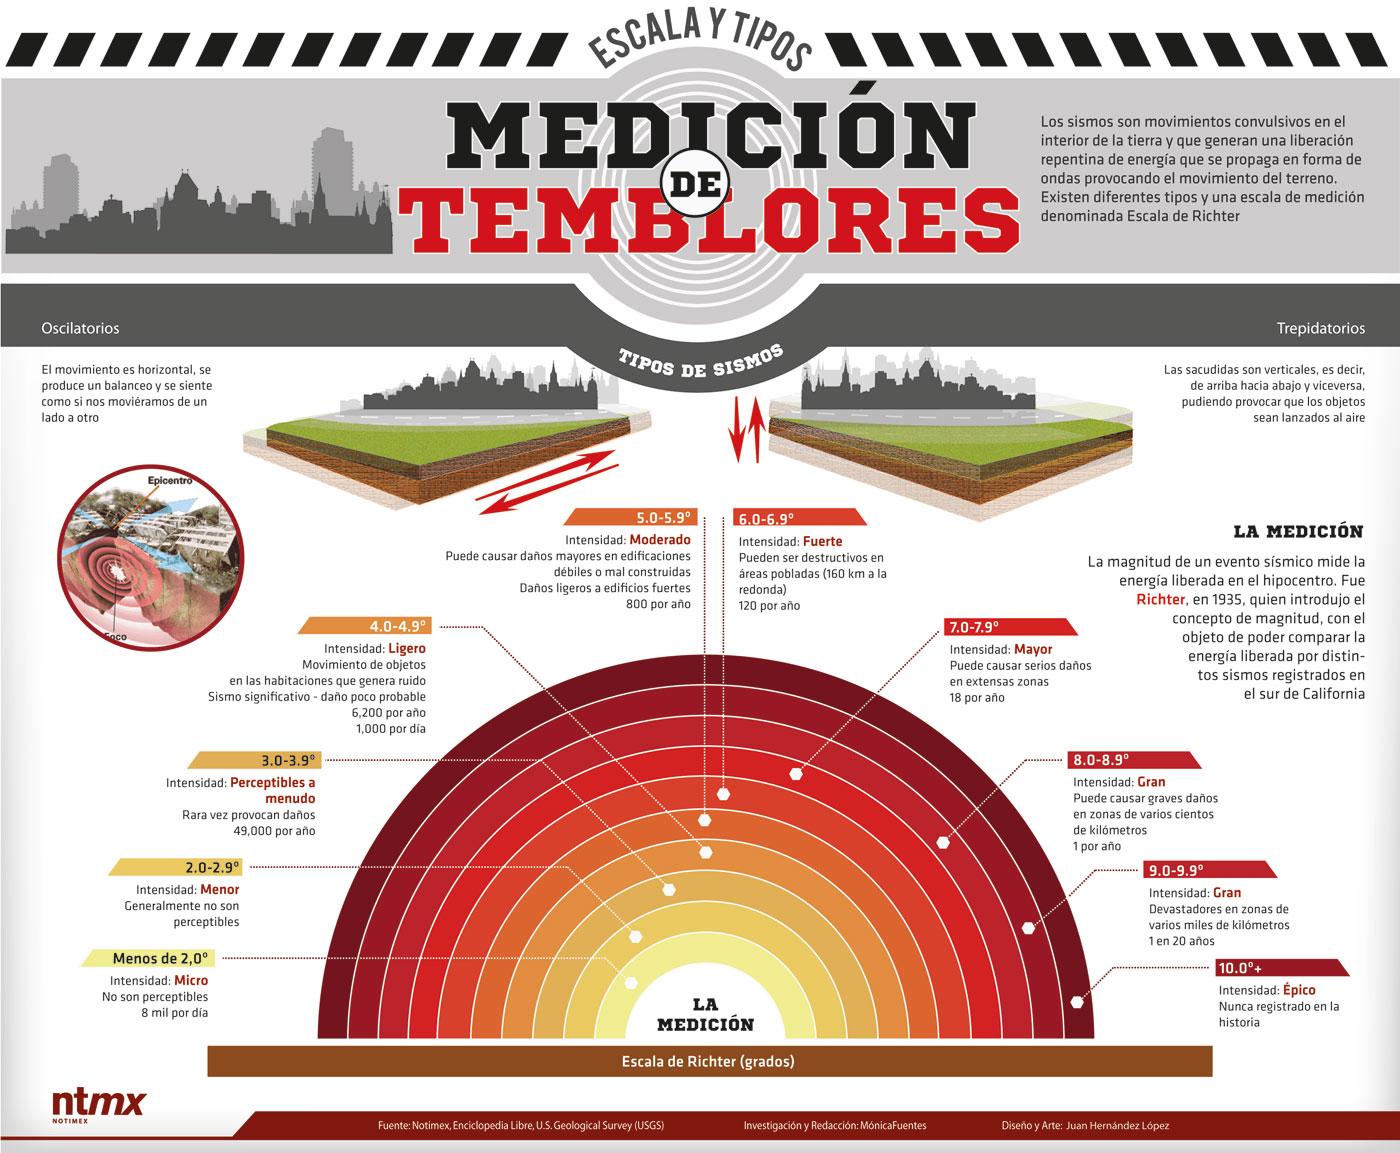 Medición de temblores